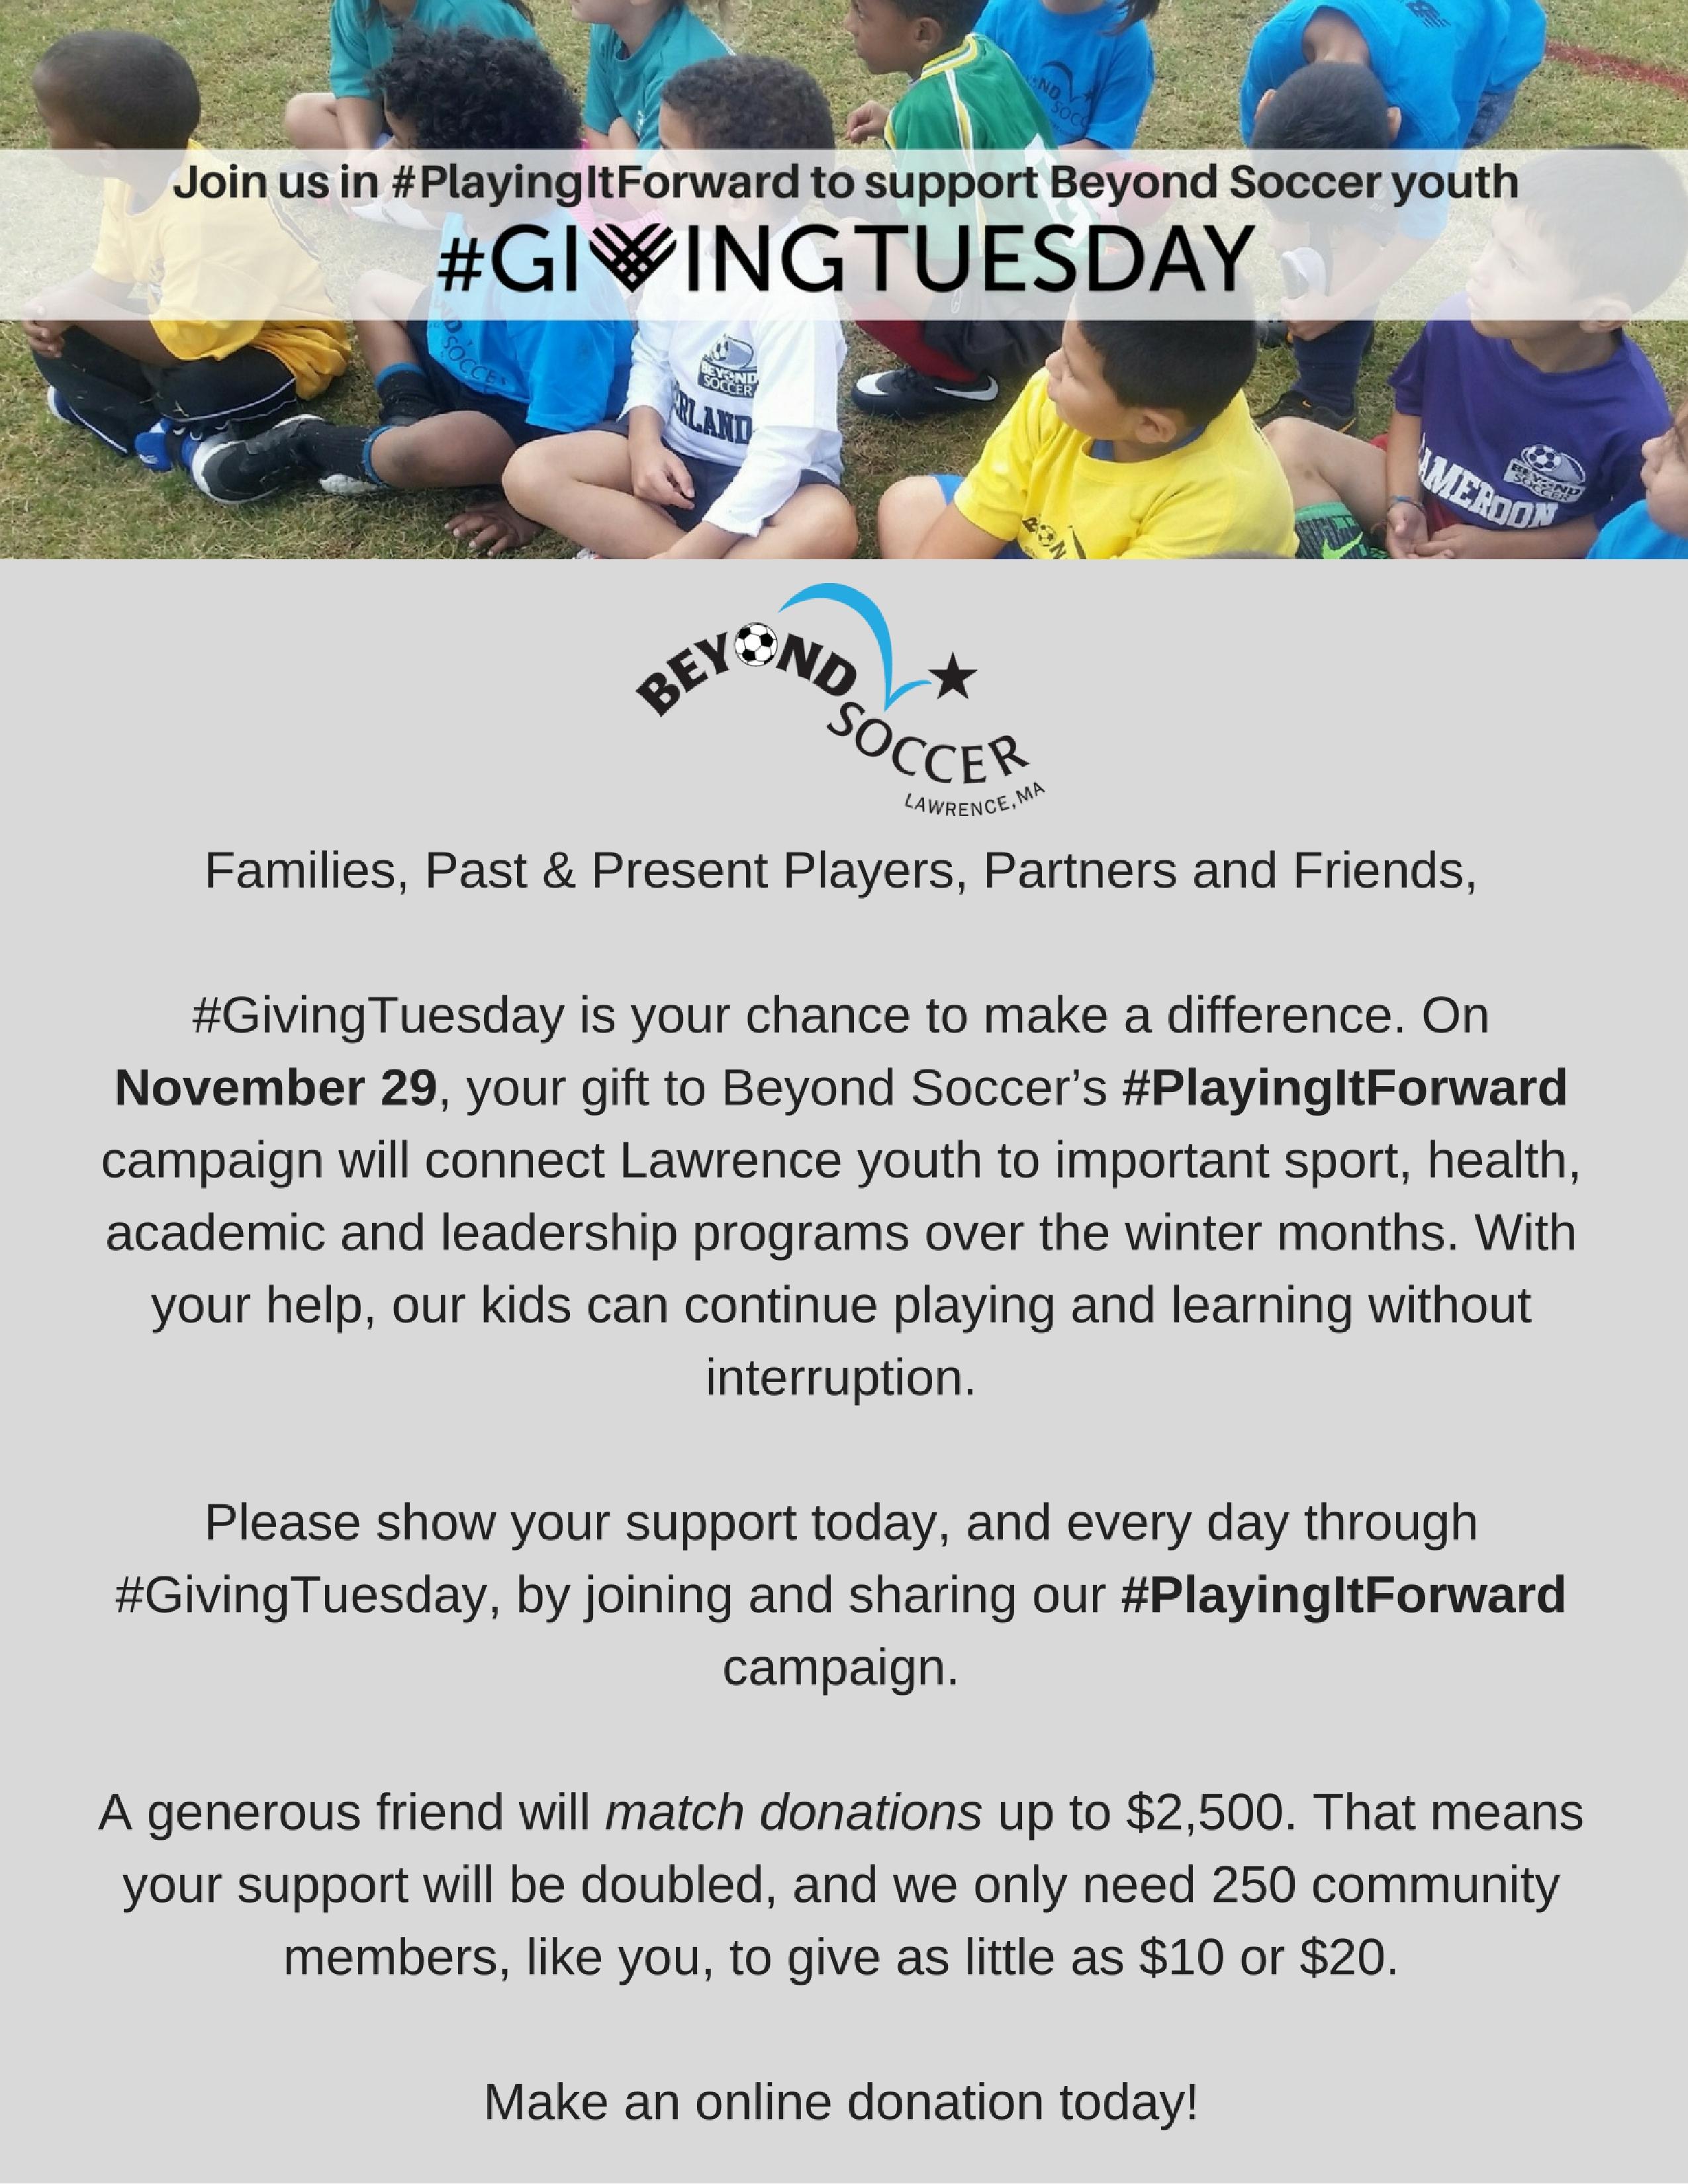 givingtuesday-website-text-2